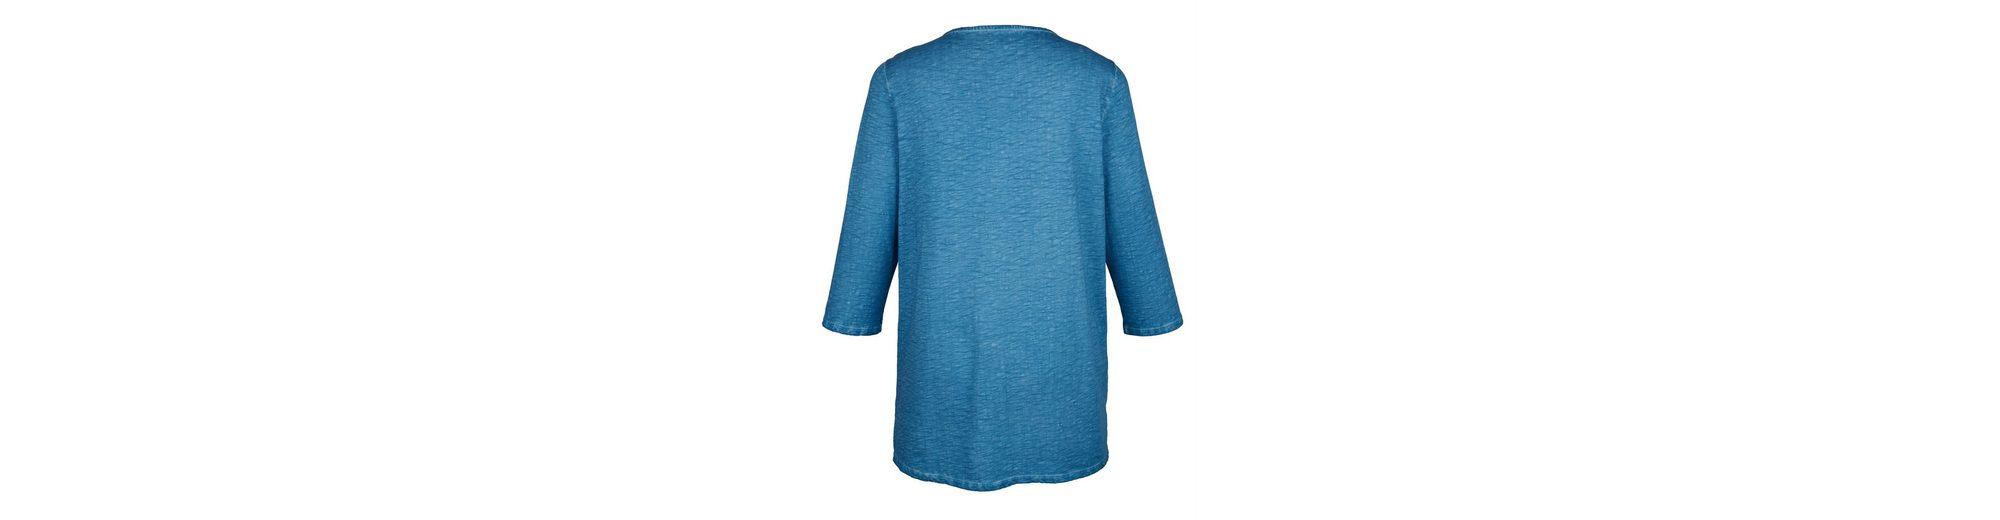 MIAMODA Longshirt aus reiner Baumwolle Spielraum Angebote 2018 Rabatt Outlet-Store Marktfähig Zu Verkaufen Angebot Zum Verkauf XleSxV4